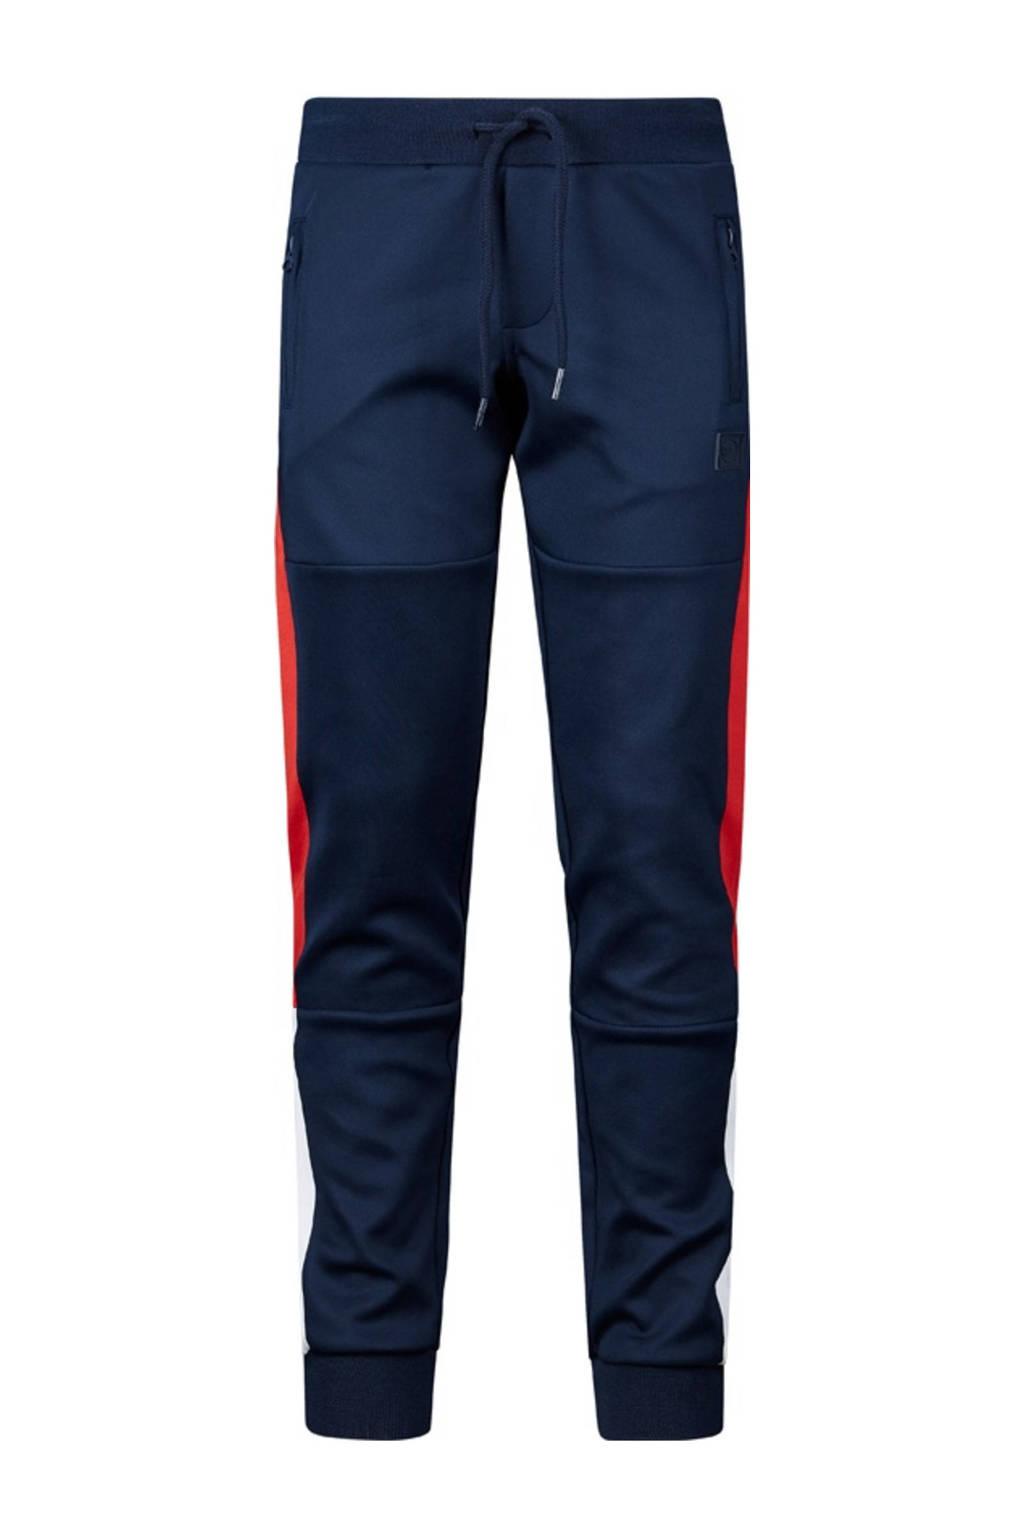 Retour Denim regular fit joggingbroek Elliot met zijstreep donkerblauw/rood/wit, Donkerblauw/rood/wit